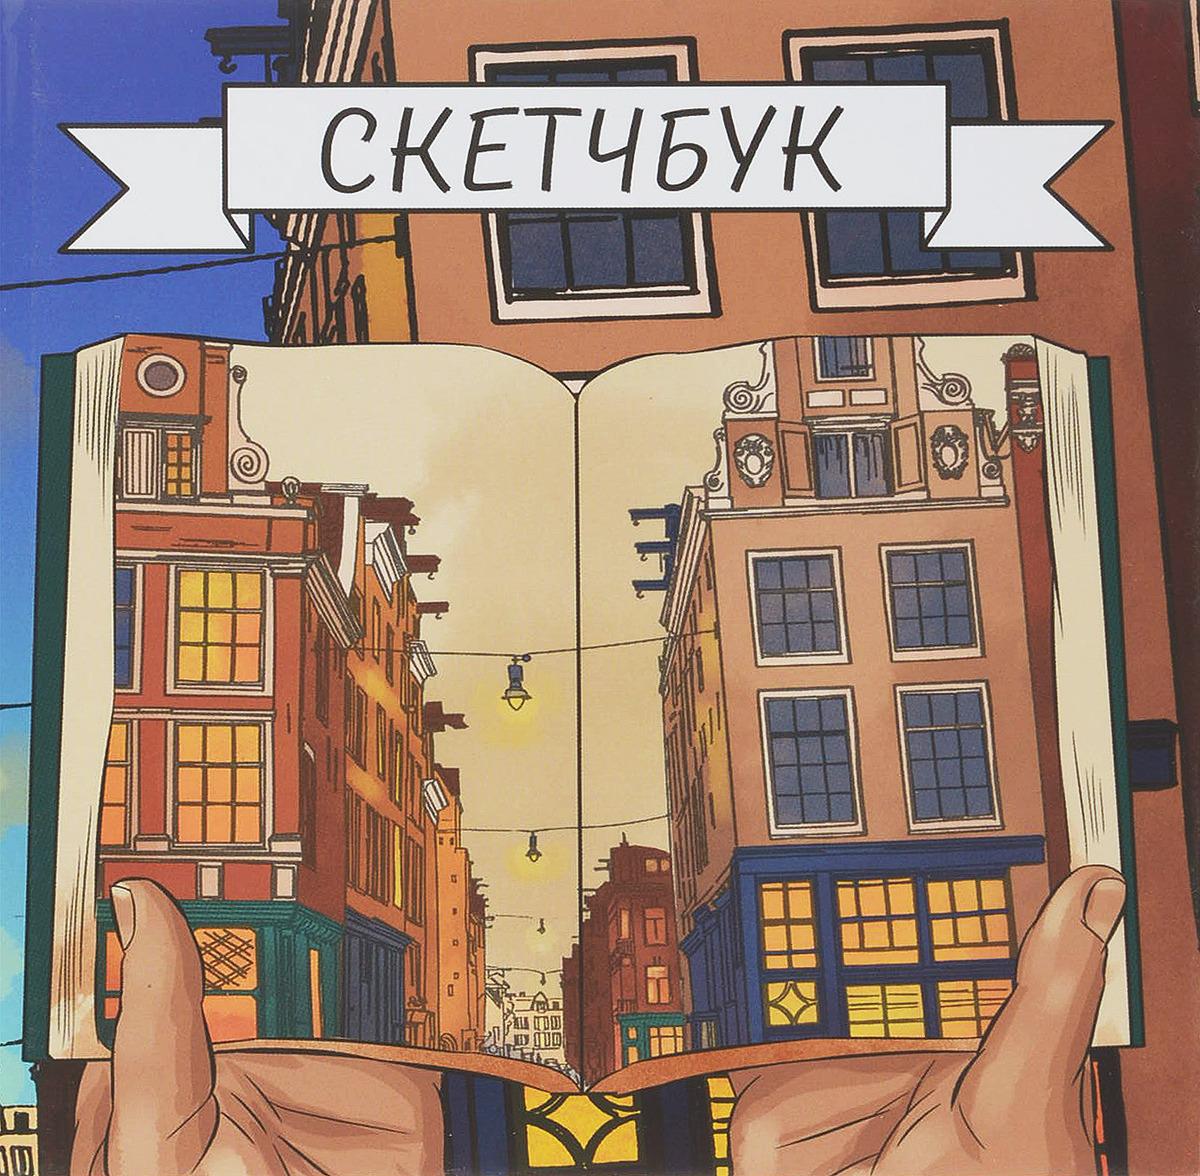 Скетчбук Miland Большая Садовая, 15 x 15 см, 80 листов